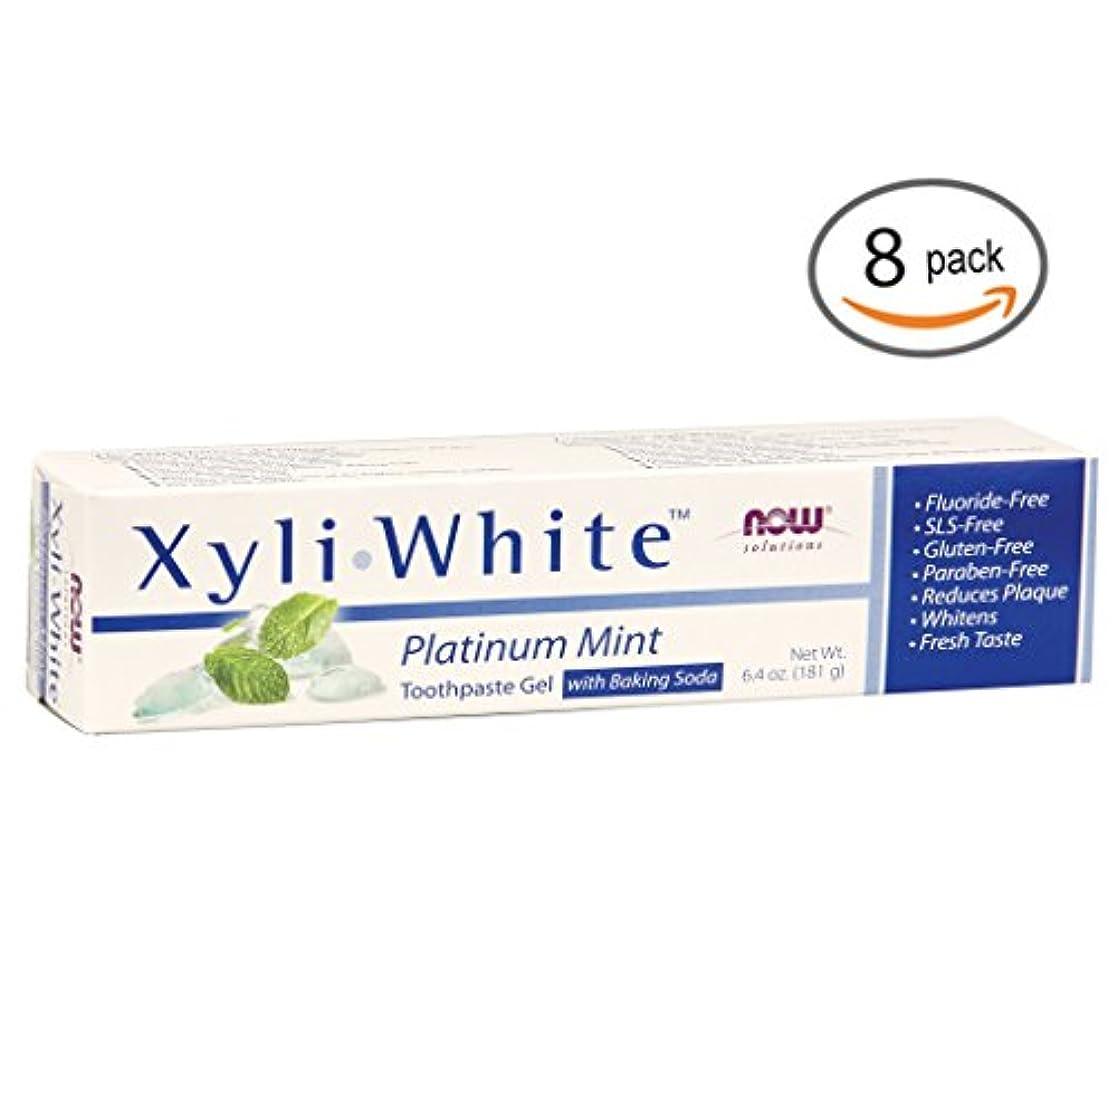 繁殖輪郭粗いキシリホワイト 歯磨き粉  プラチナミント+ベーキングソーダ 182g 2個パック